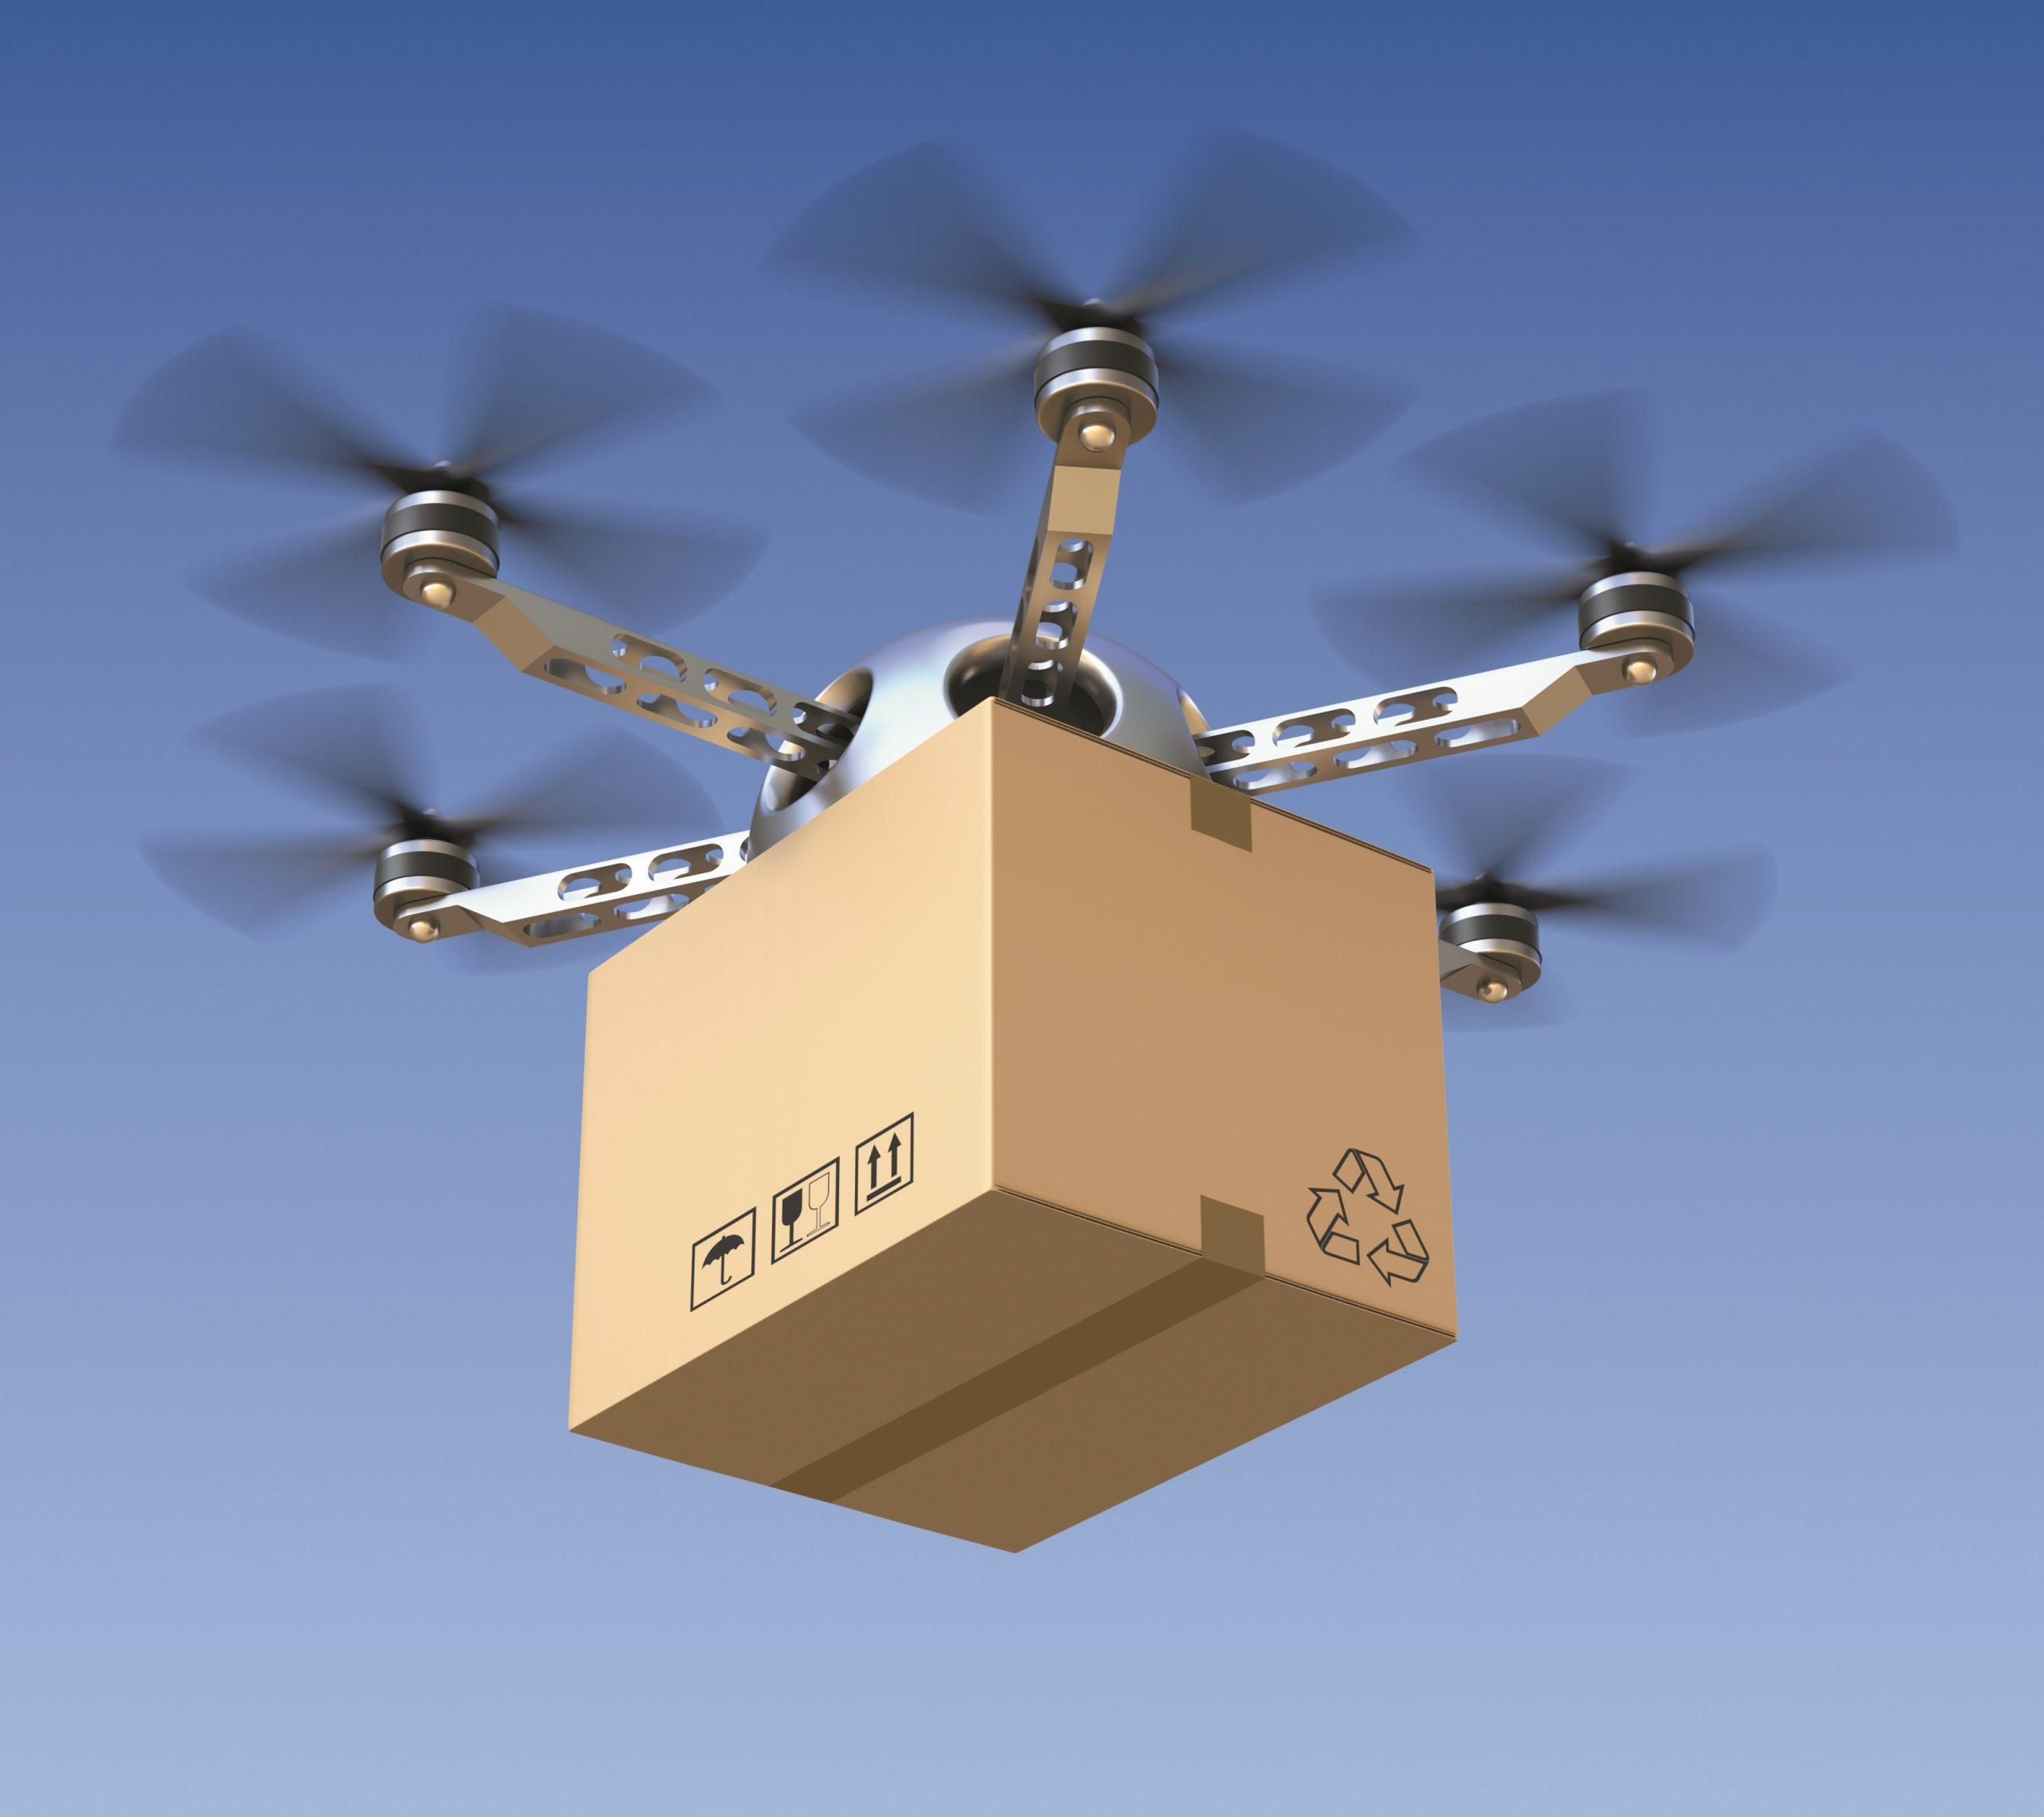 Disruptive drones